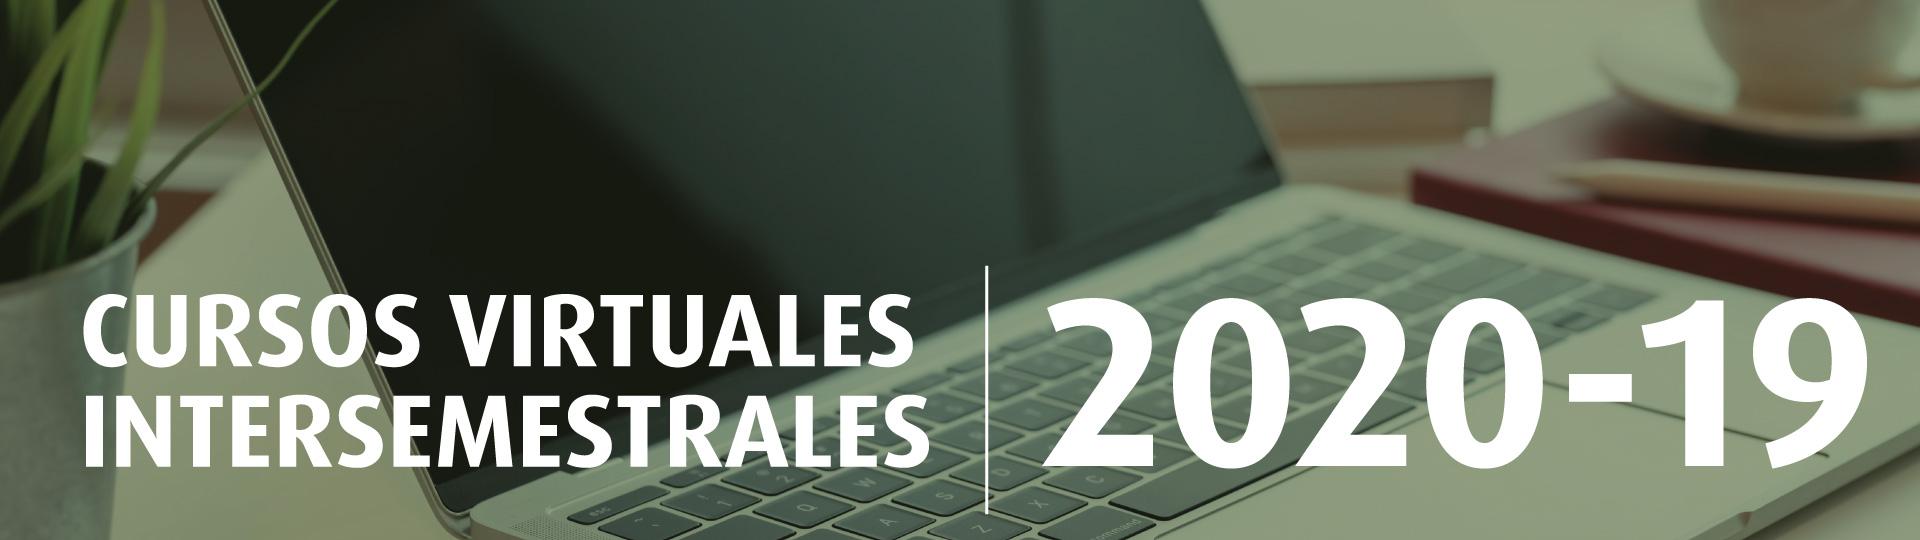 Cursos intersemestrales 2020-19 Uniandes - Derecho